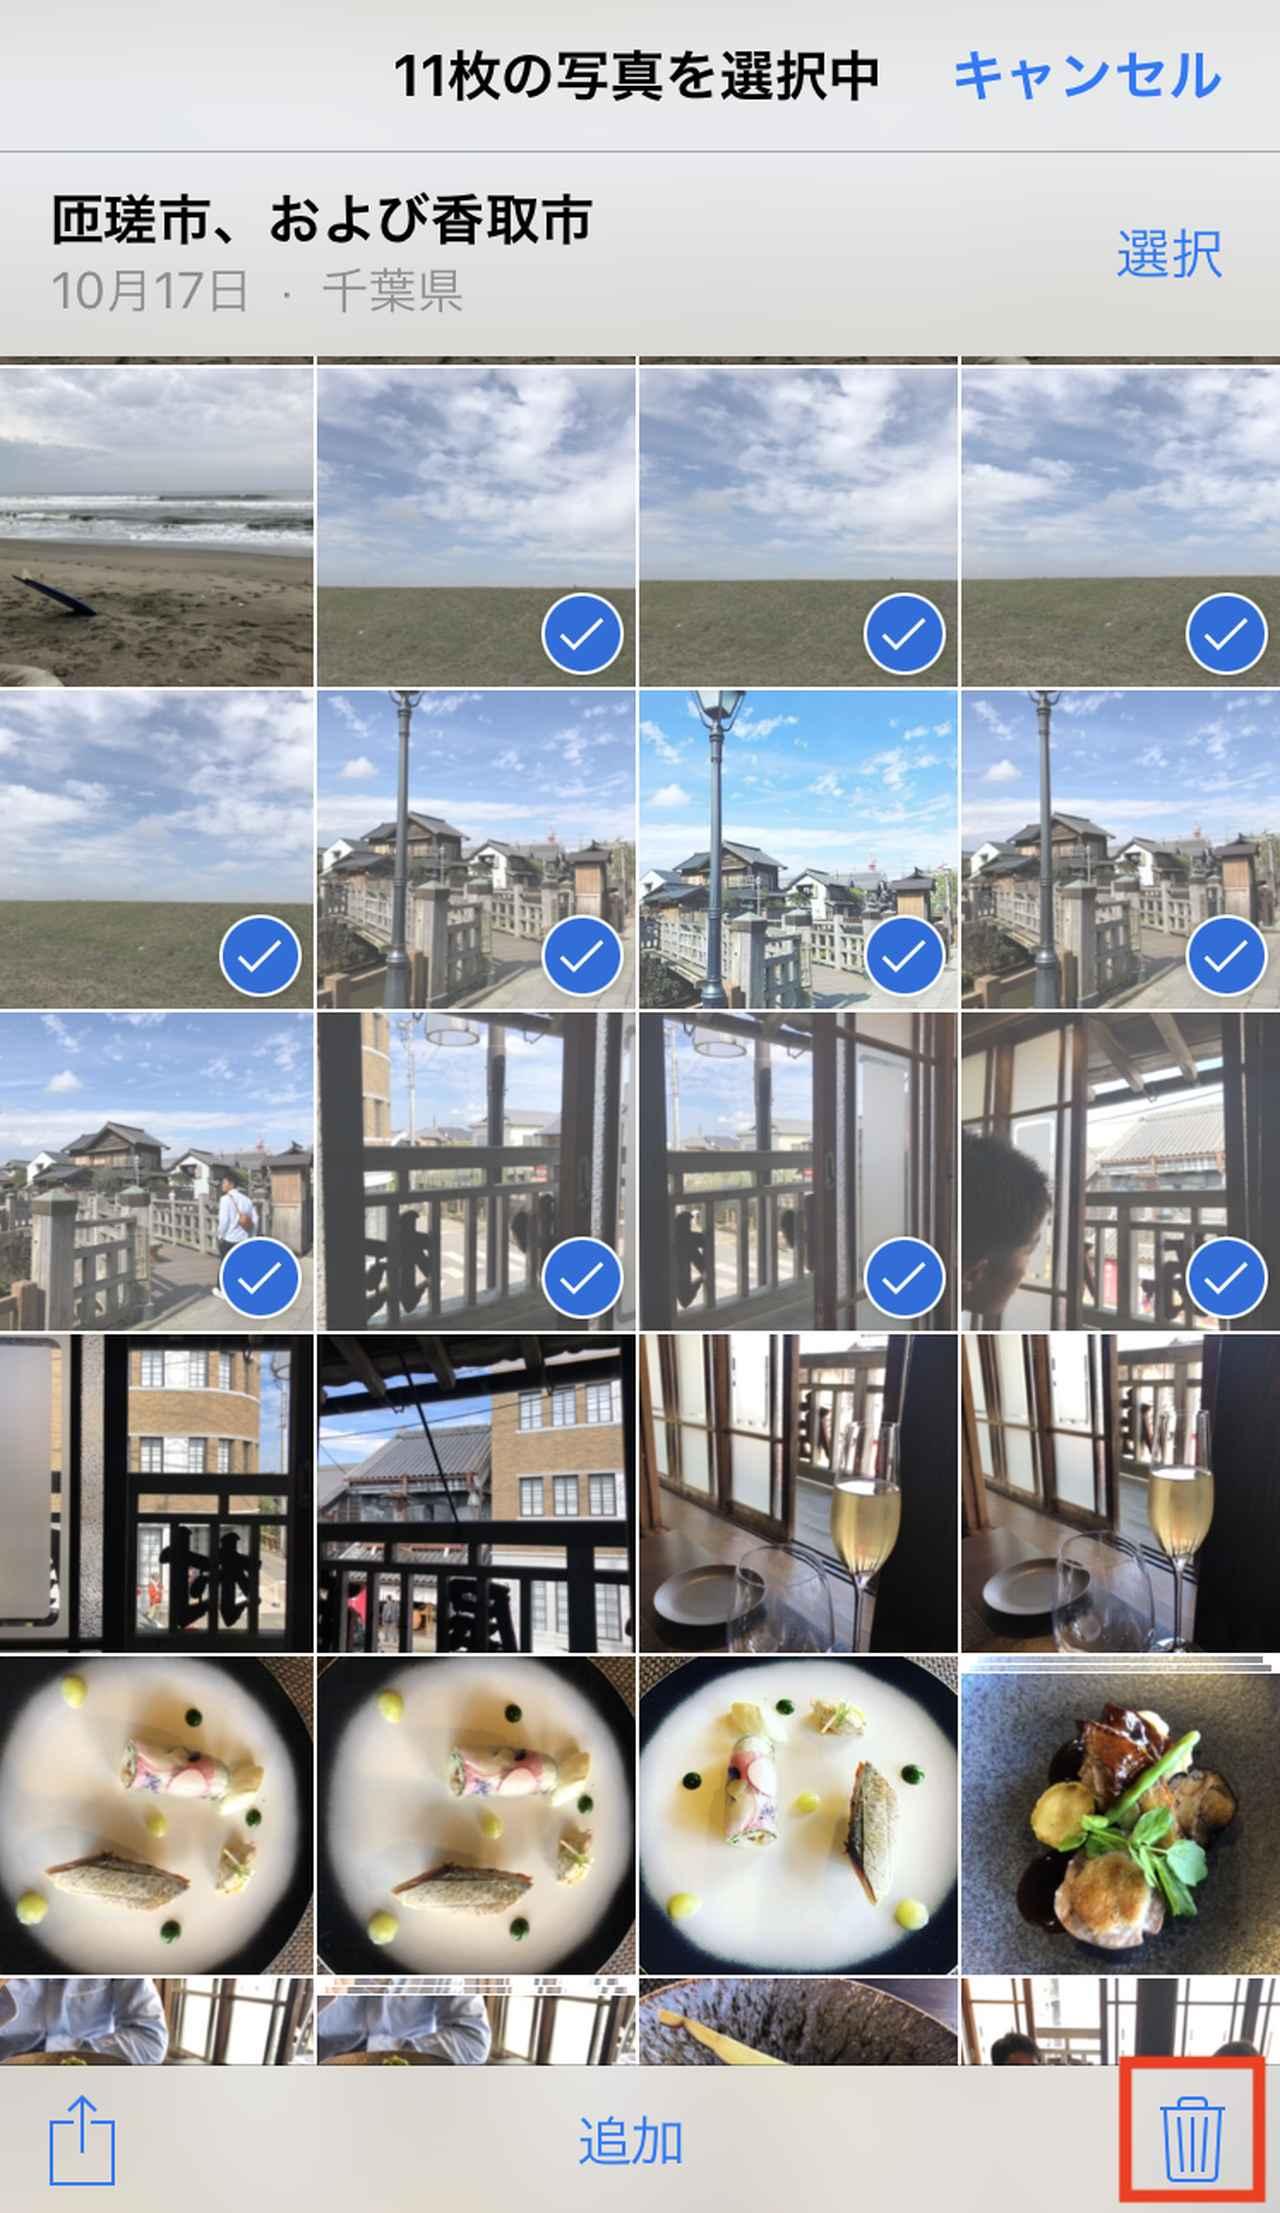 画像: 削除したい写真の選択が終わったら、右下のゴミ箱マークをタッチ。